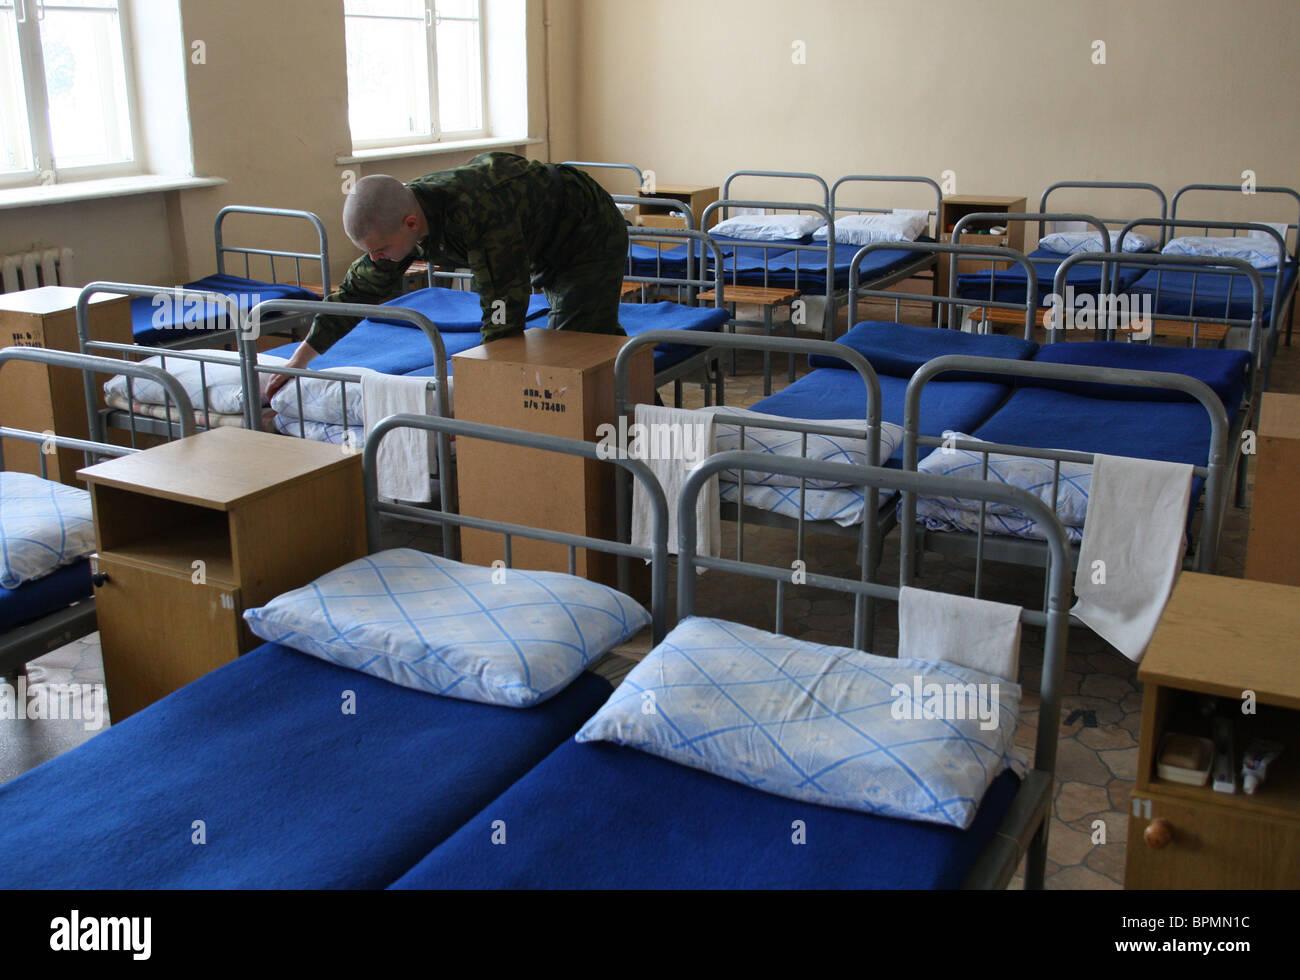 в узбекистане военная казарма картинки был замечен светлых